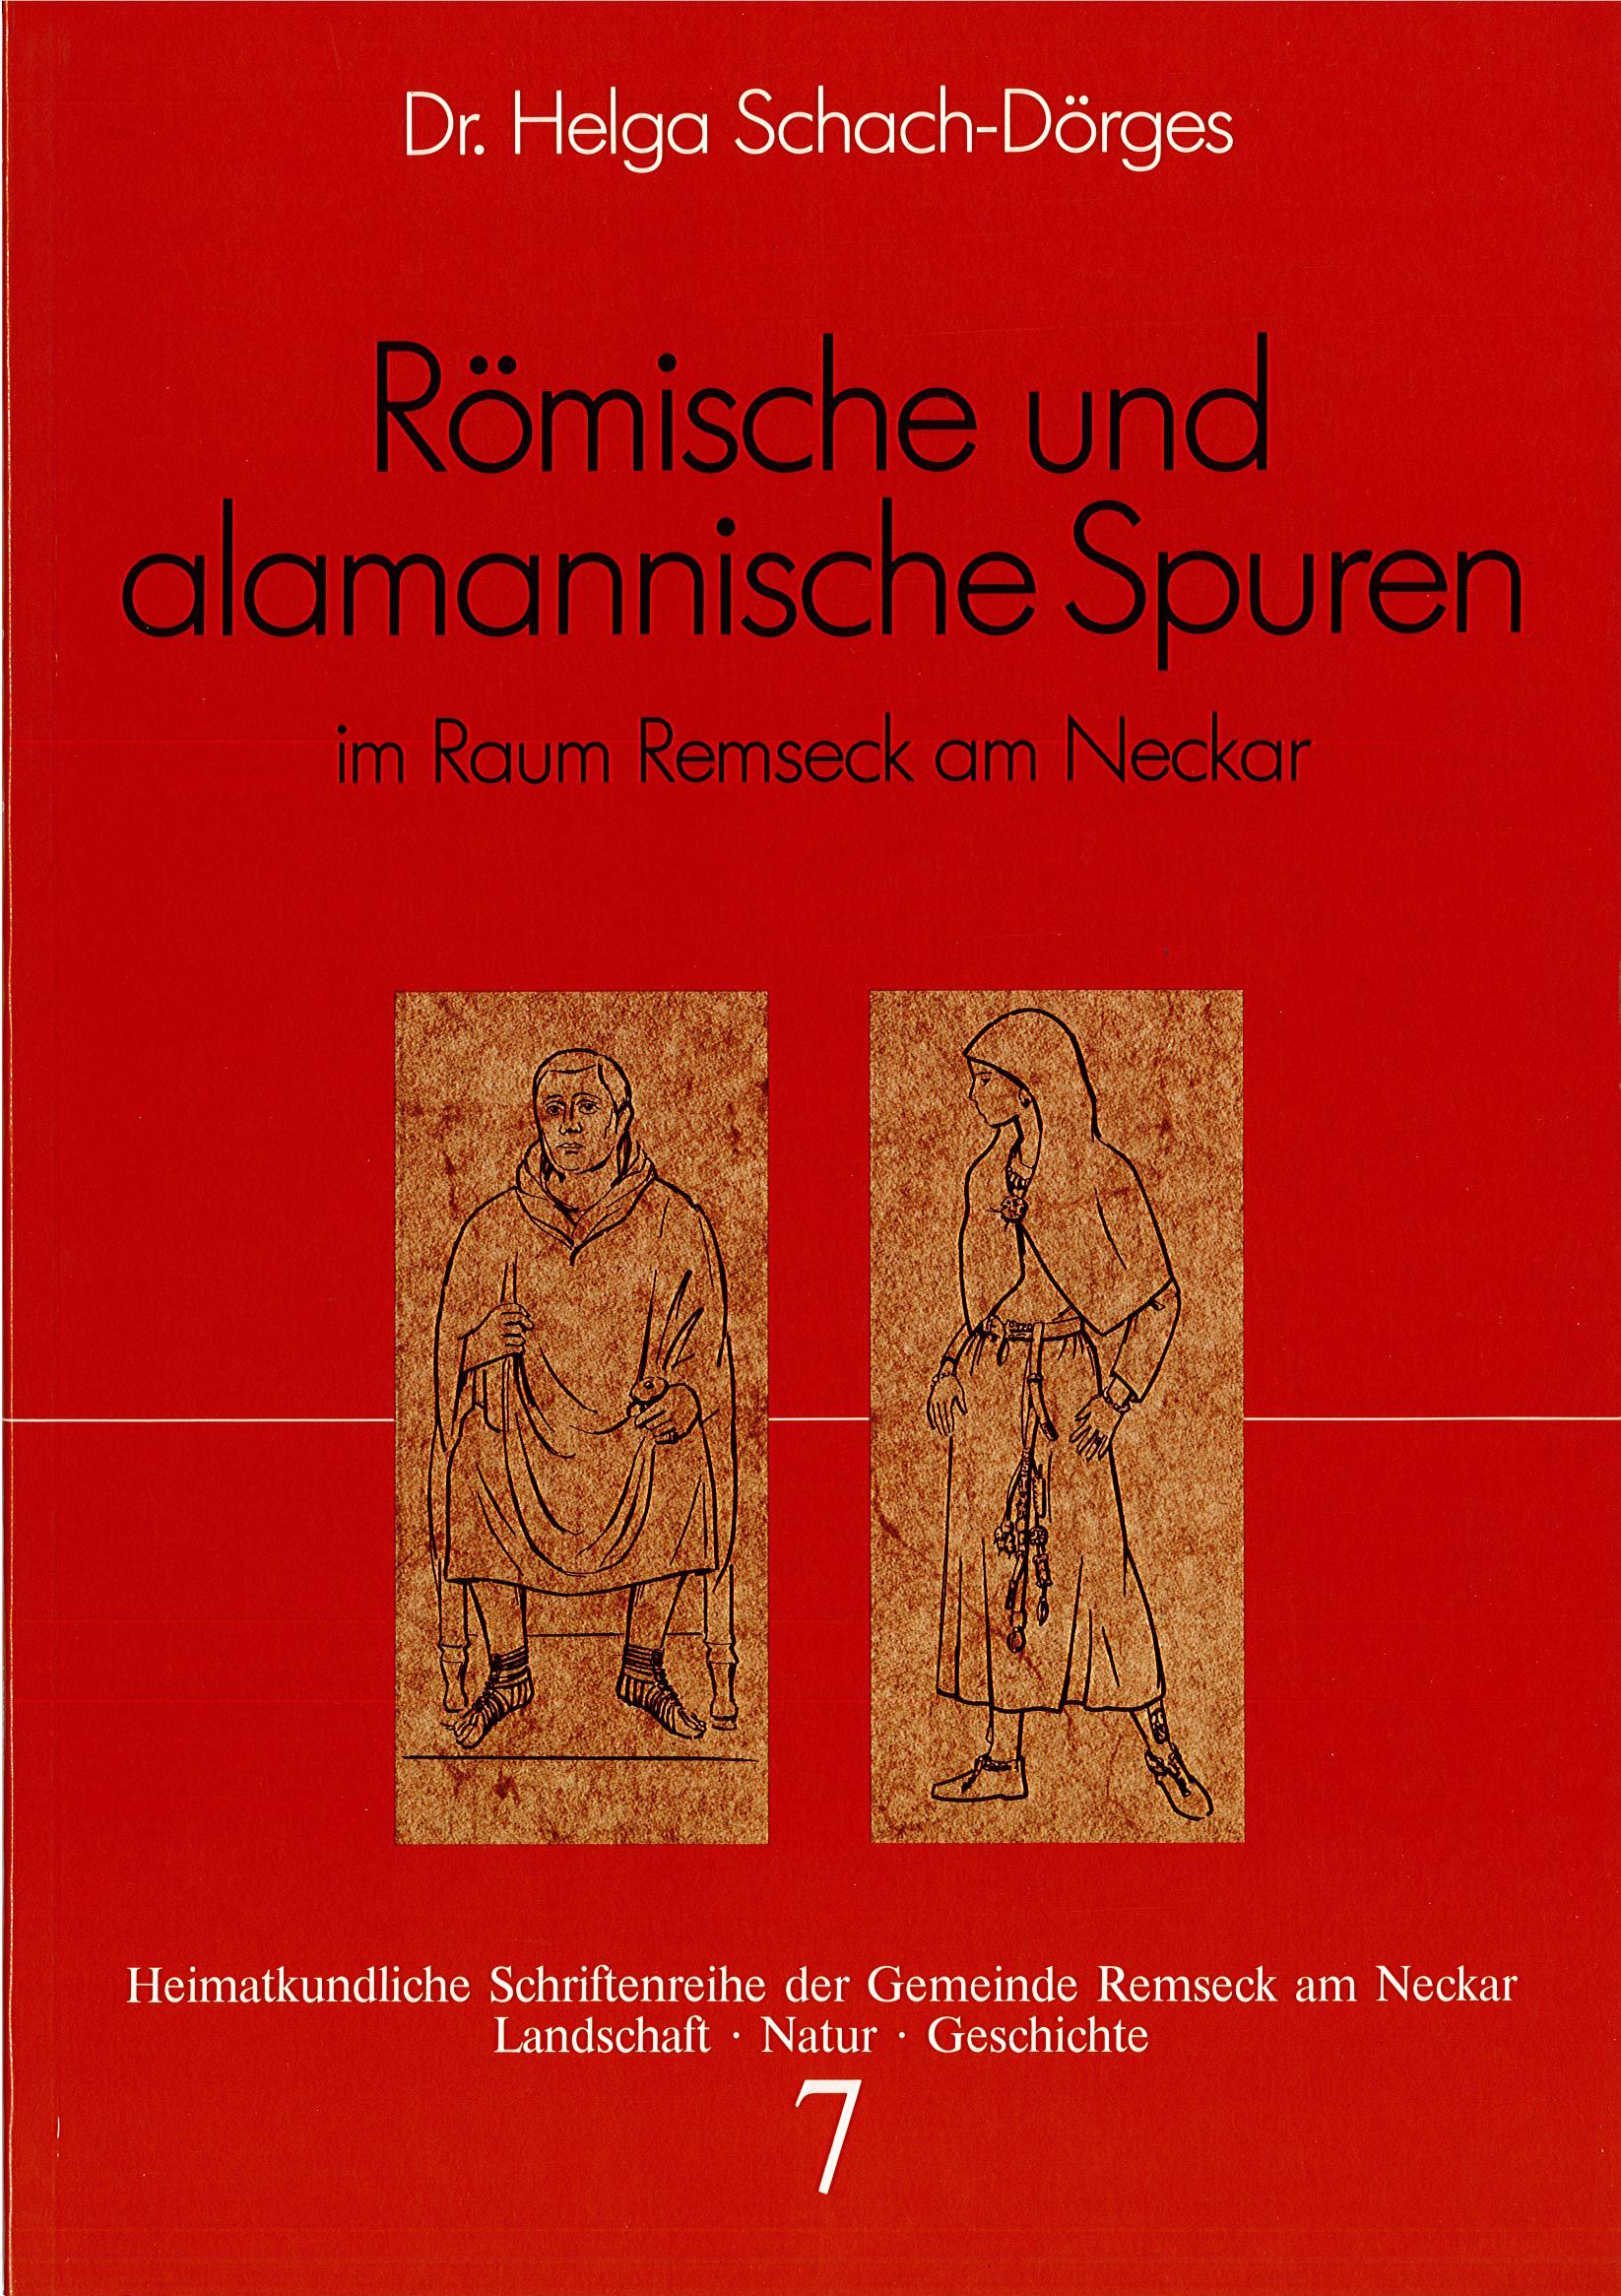 Dr. Helga Schach-Dörges: Römische und alamannische Spuren im Raum Remseck am Neckar (Heimatkundliche Schriftenreihe, Band 7)